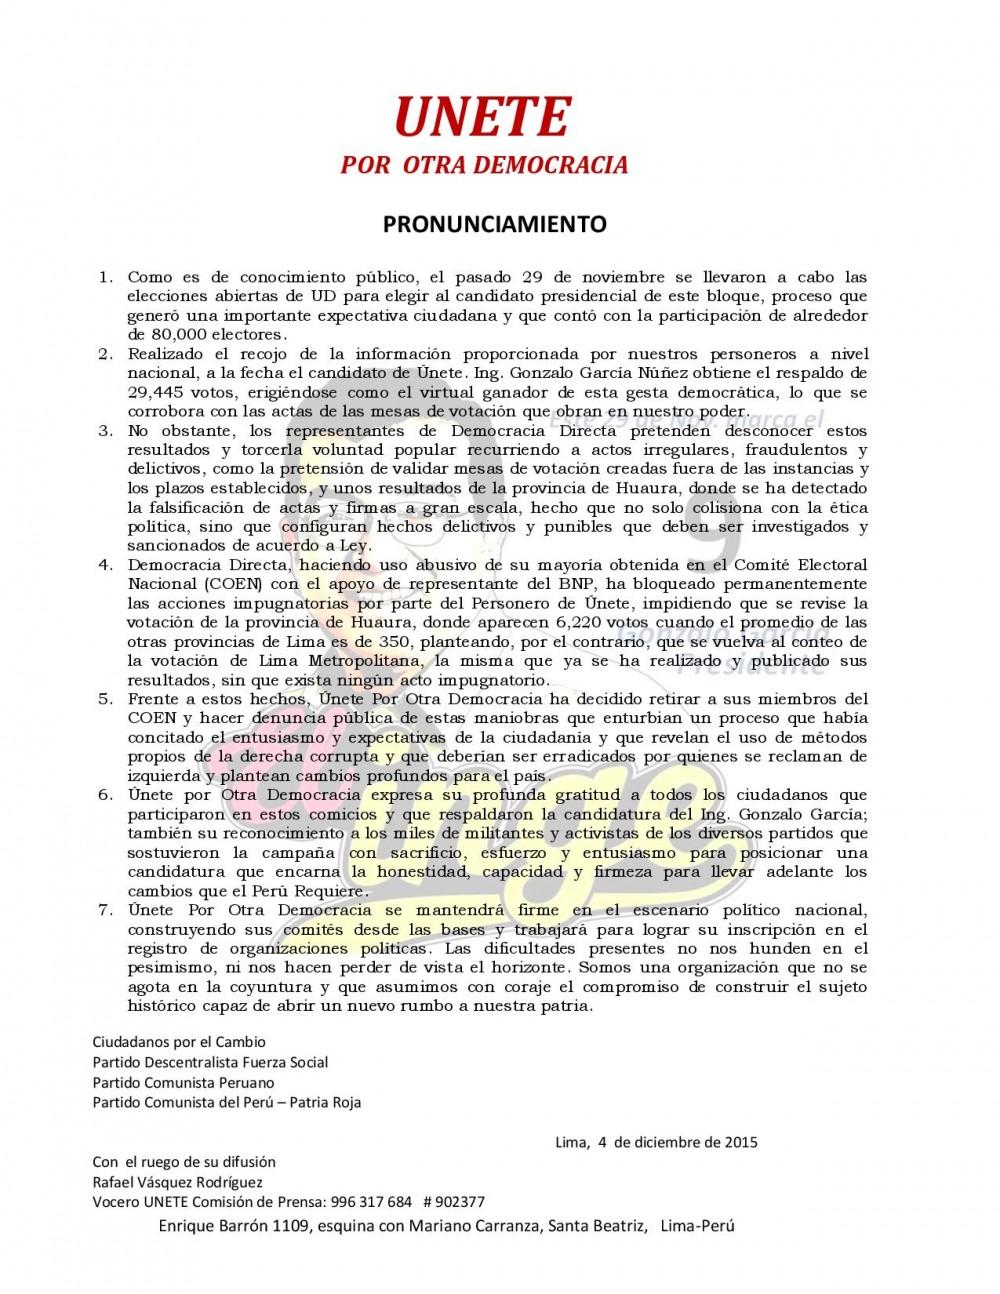 Pronunciamiento+UNETE-page-001